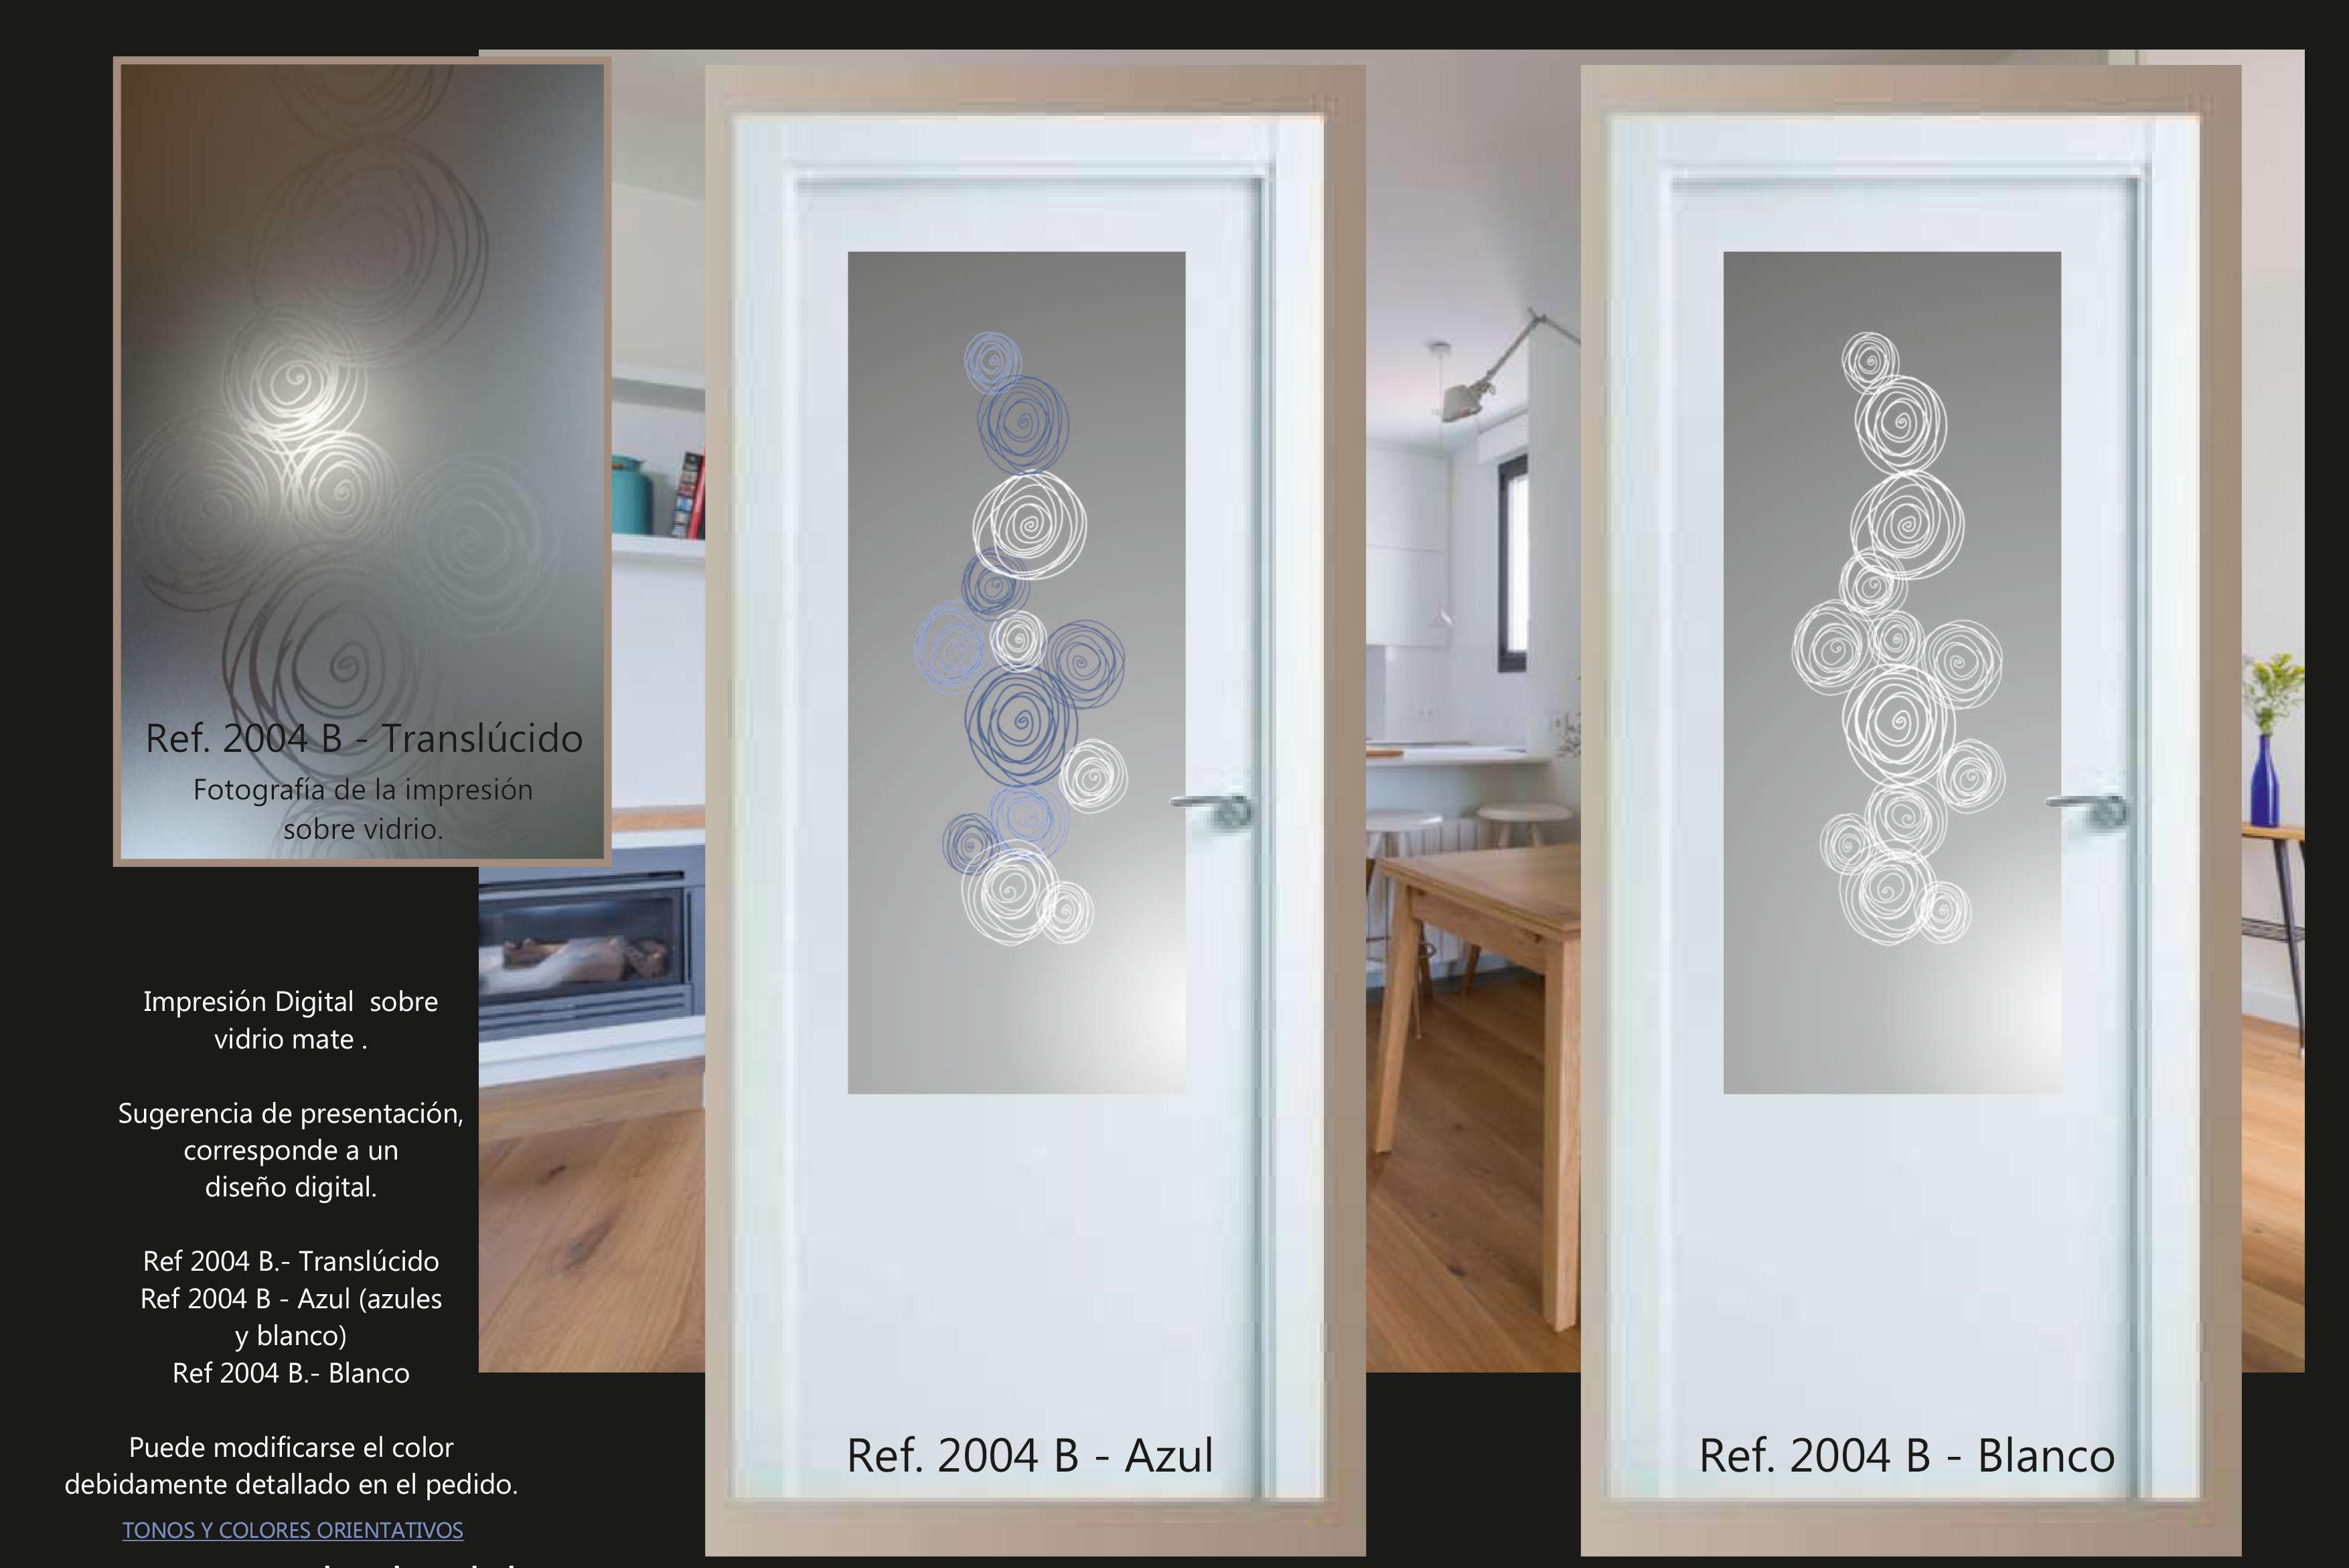 Cristales para puertas impresi n digital cristaler a - Cristales translucidos para puertas ...